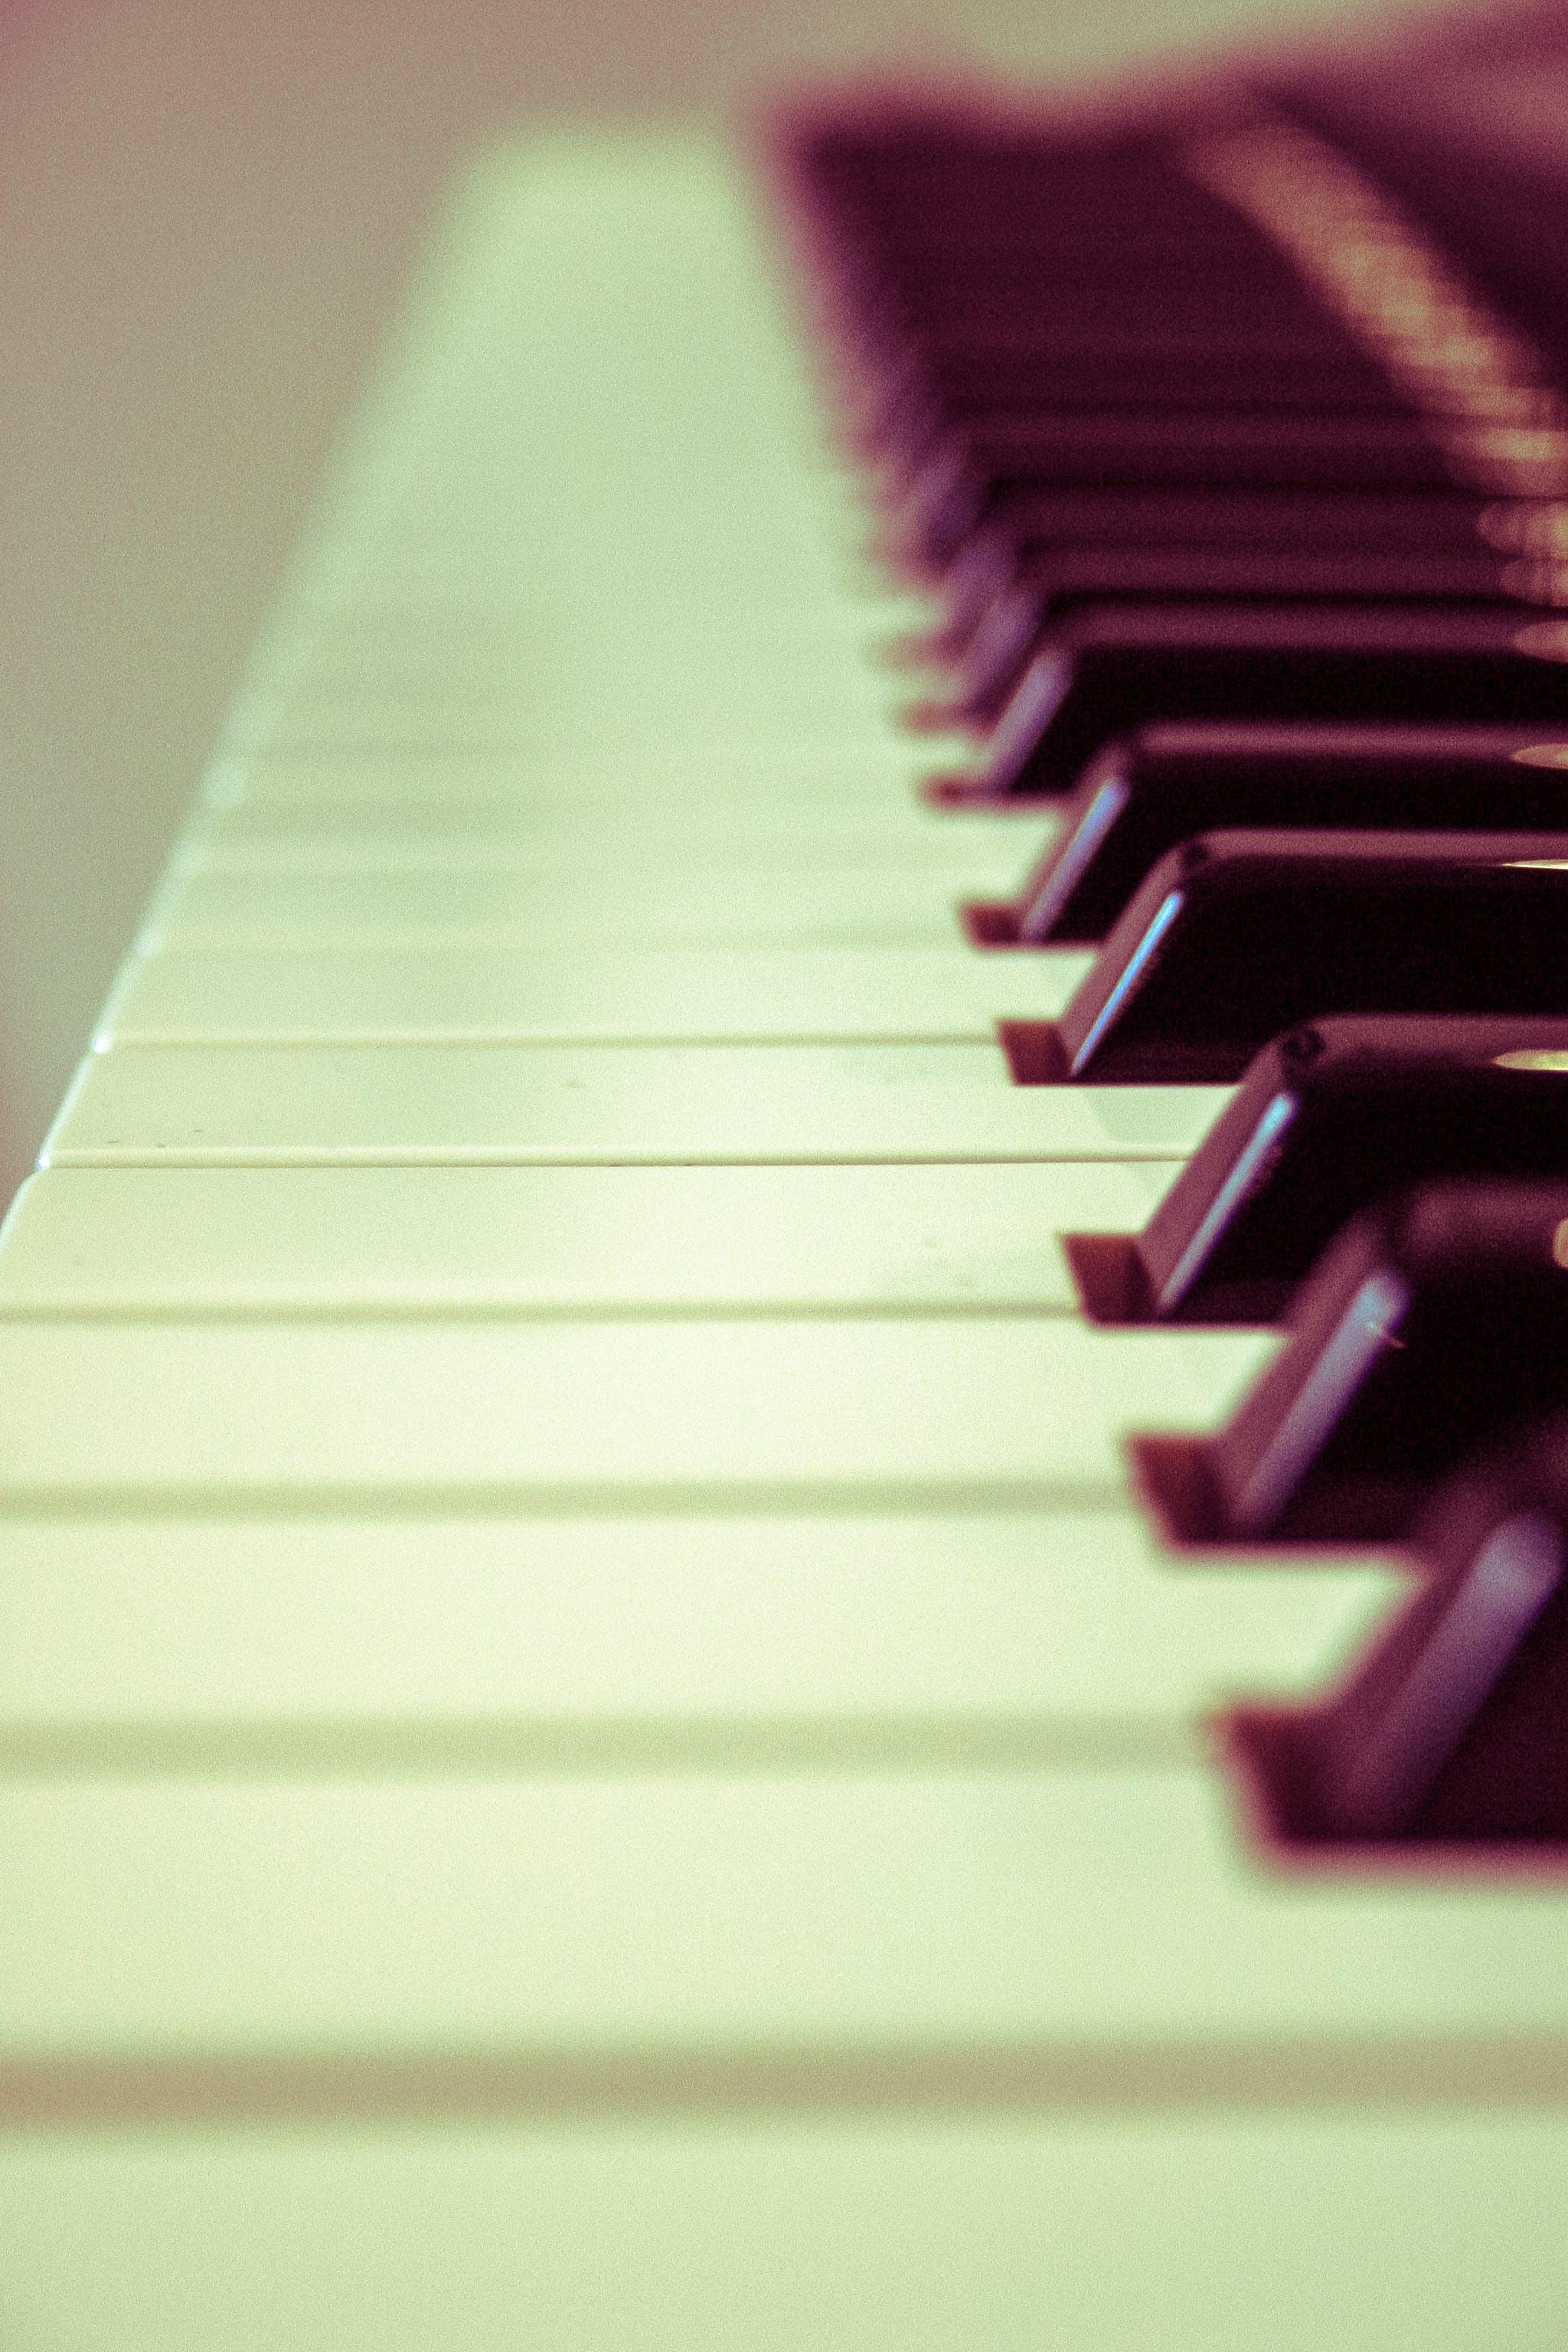 Kostenloses Stock Foto zu klaviertasten, musik, musikinstrument